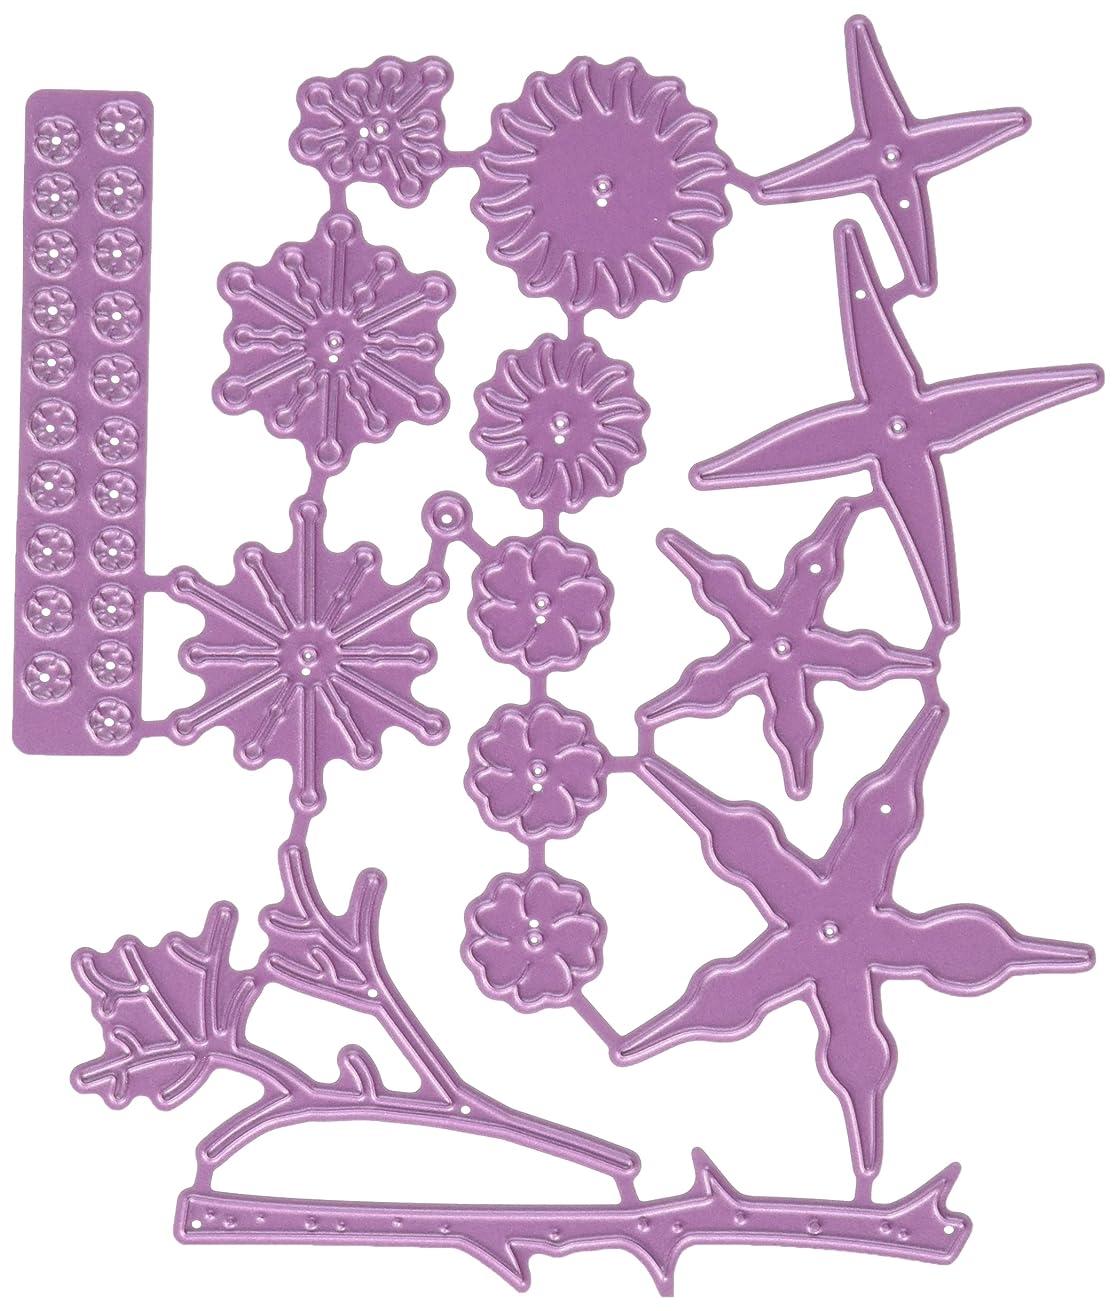 Cheery Lynn Designs B188 Embellishment 2 Die Cut